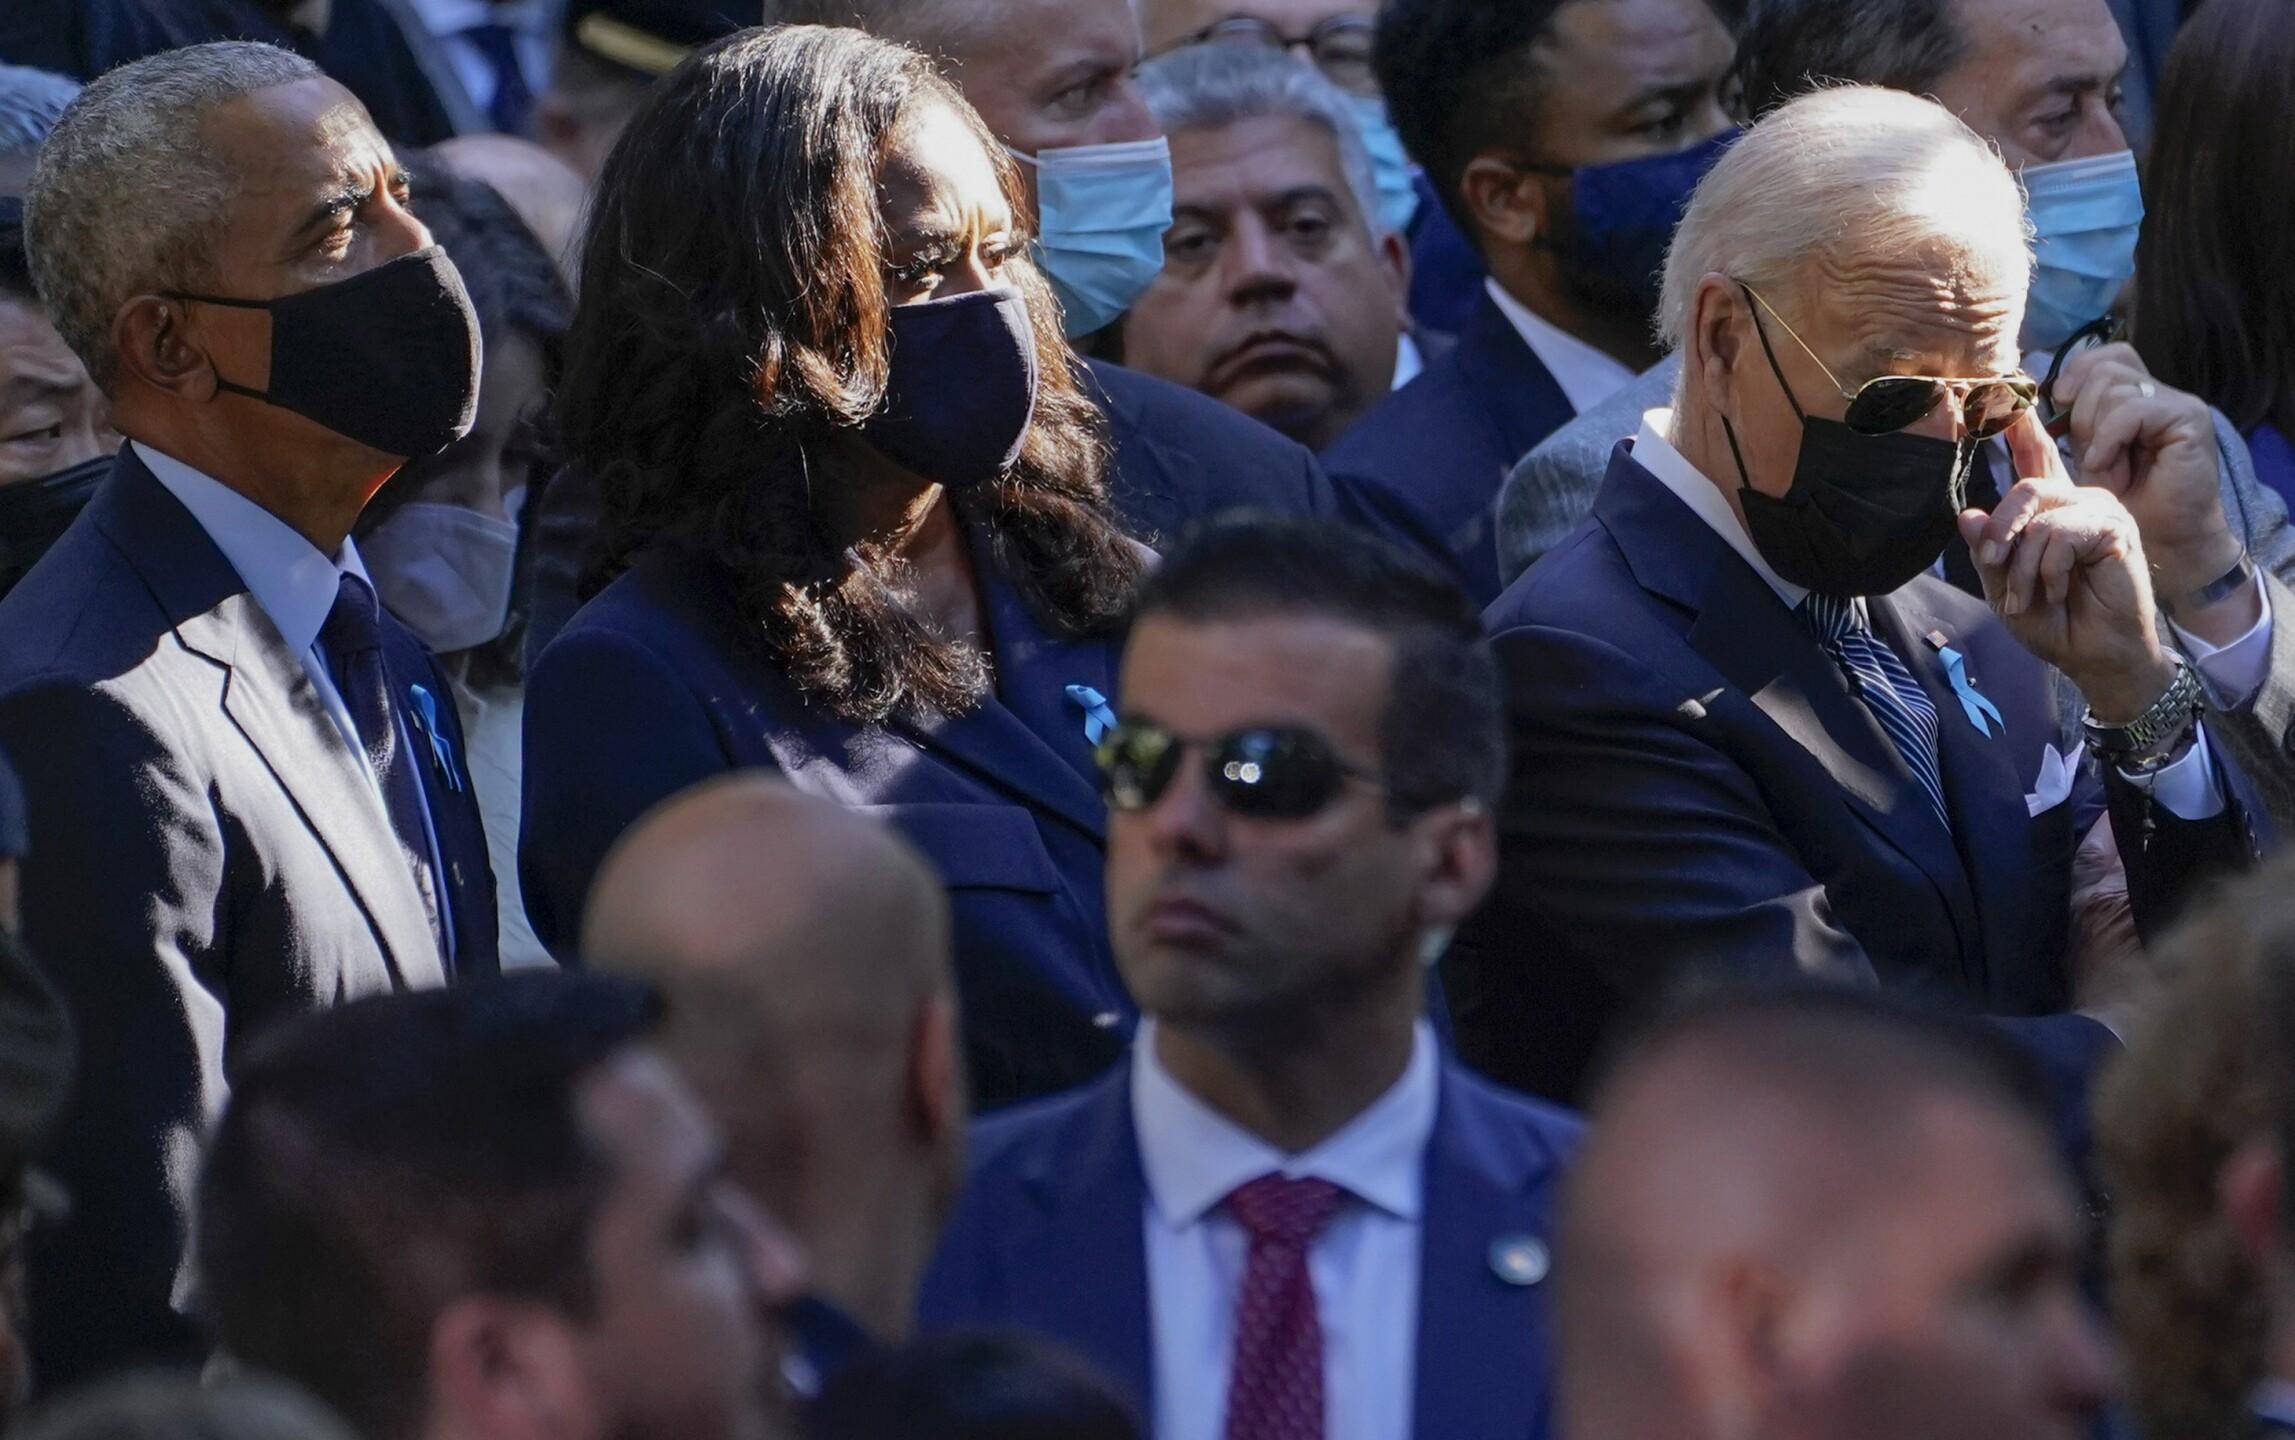 Joe Biden, Barack Obama, Michelle Obama, Jill Biden